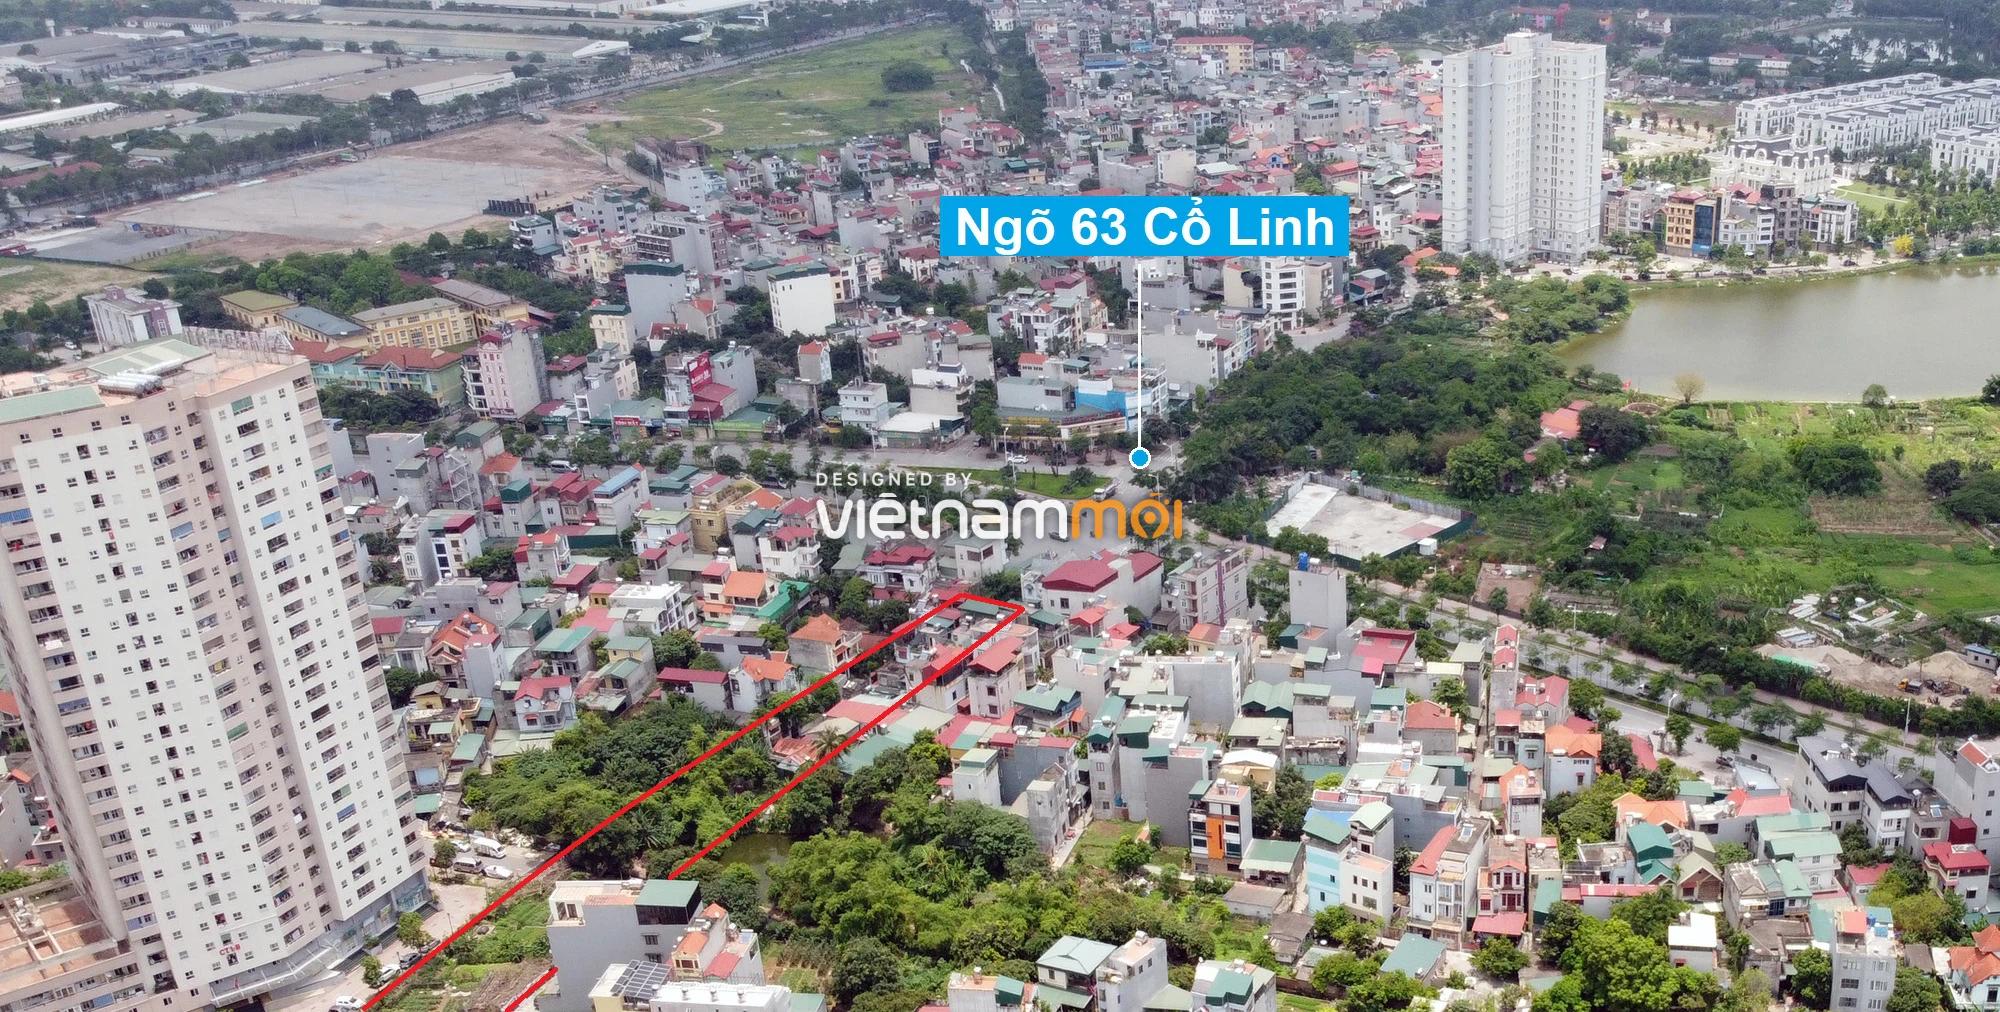 Những khu đất sắp thu hồi để mở đường ở phường Thạch Bàn, Long Biên, Hà Nội (phần 7) - Ảnh 5.